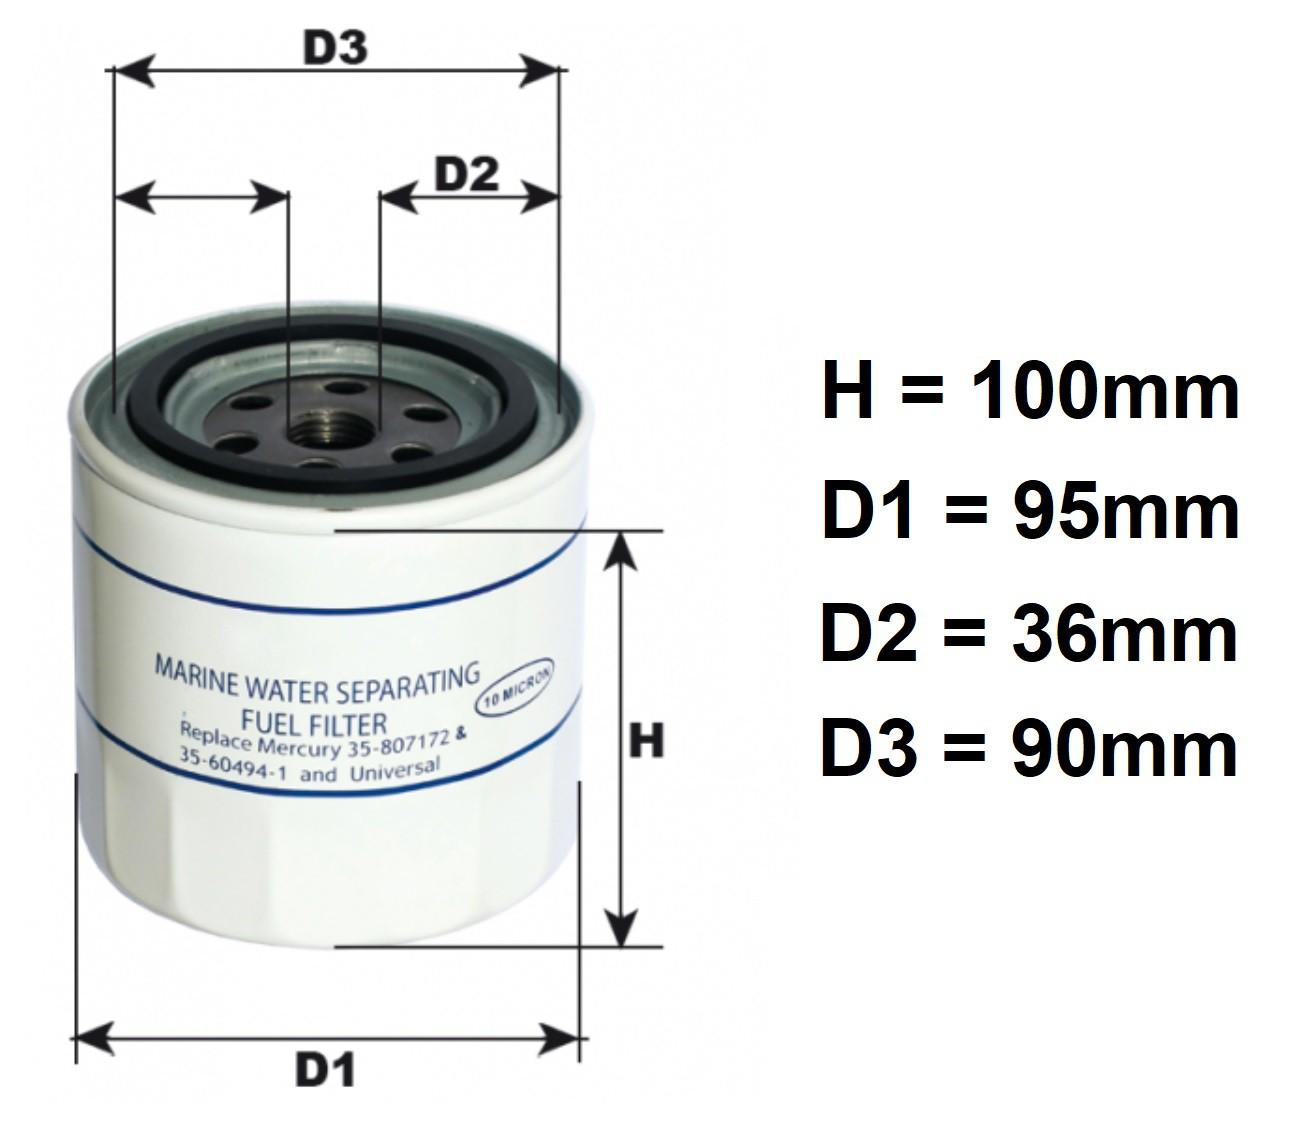 Filtro de Combustível Decantador Separador de Água e Gasolina 10 Micron para Motores Mercury